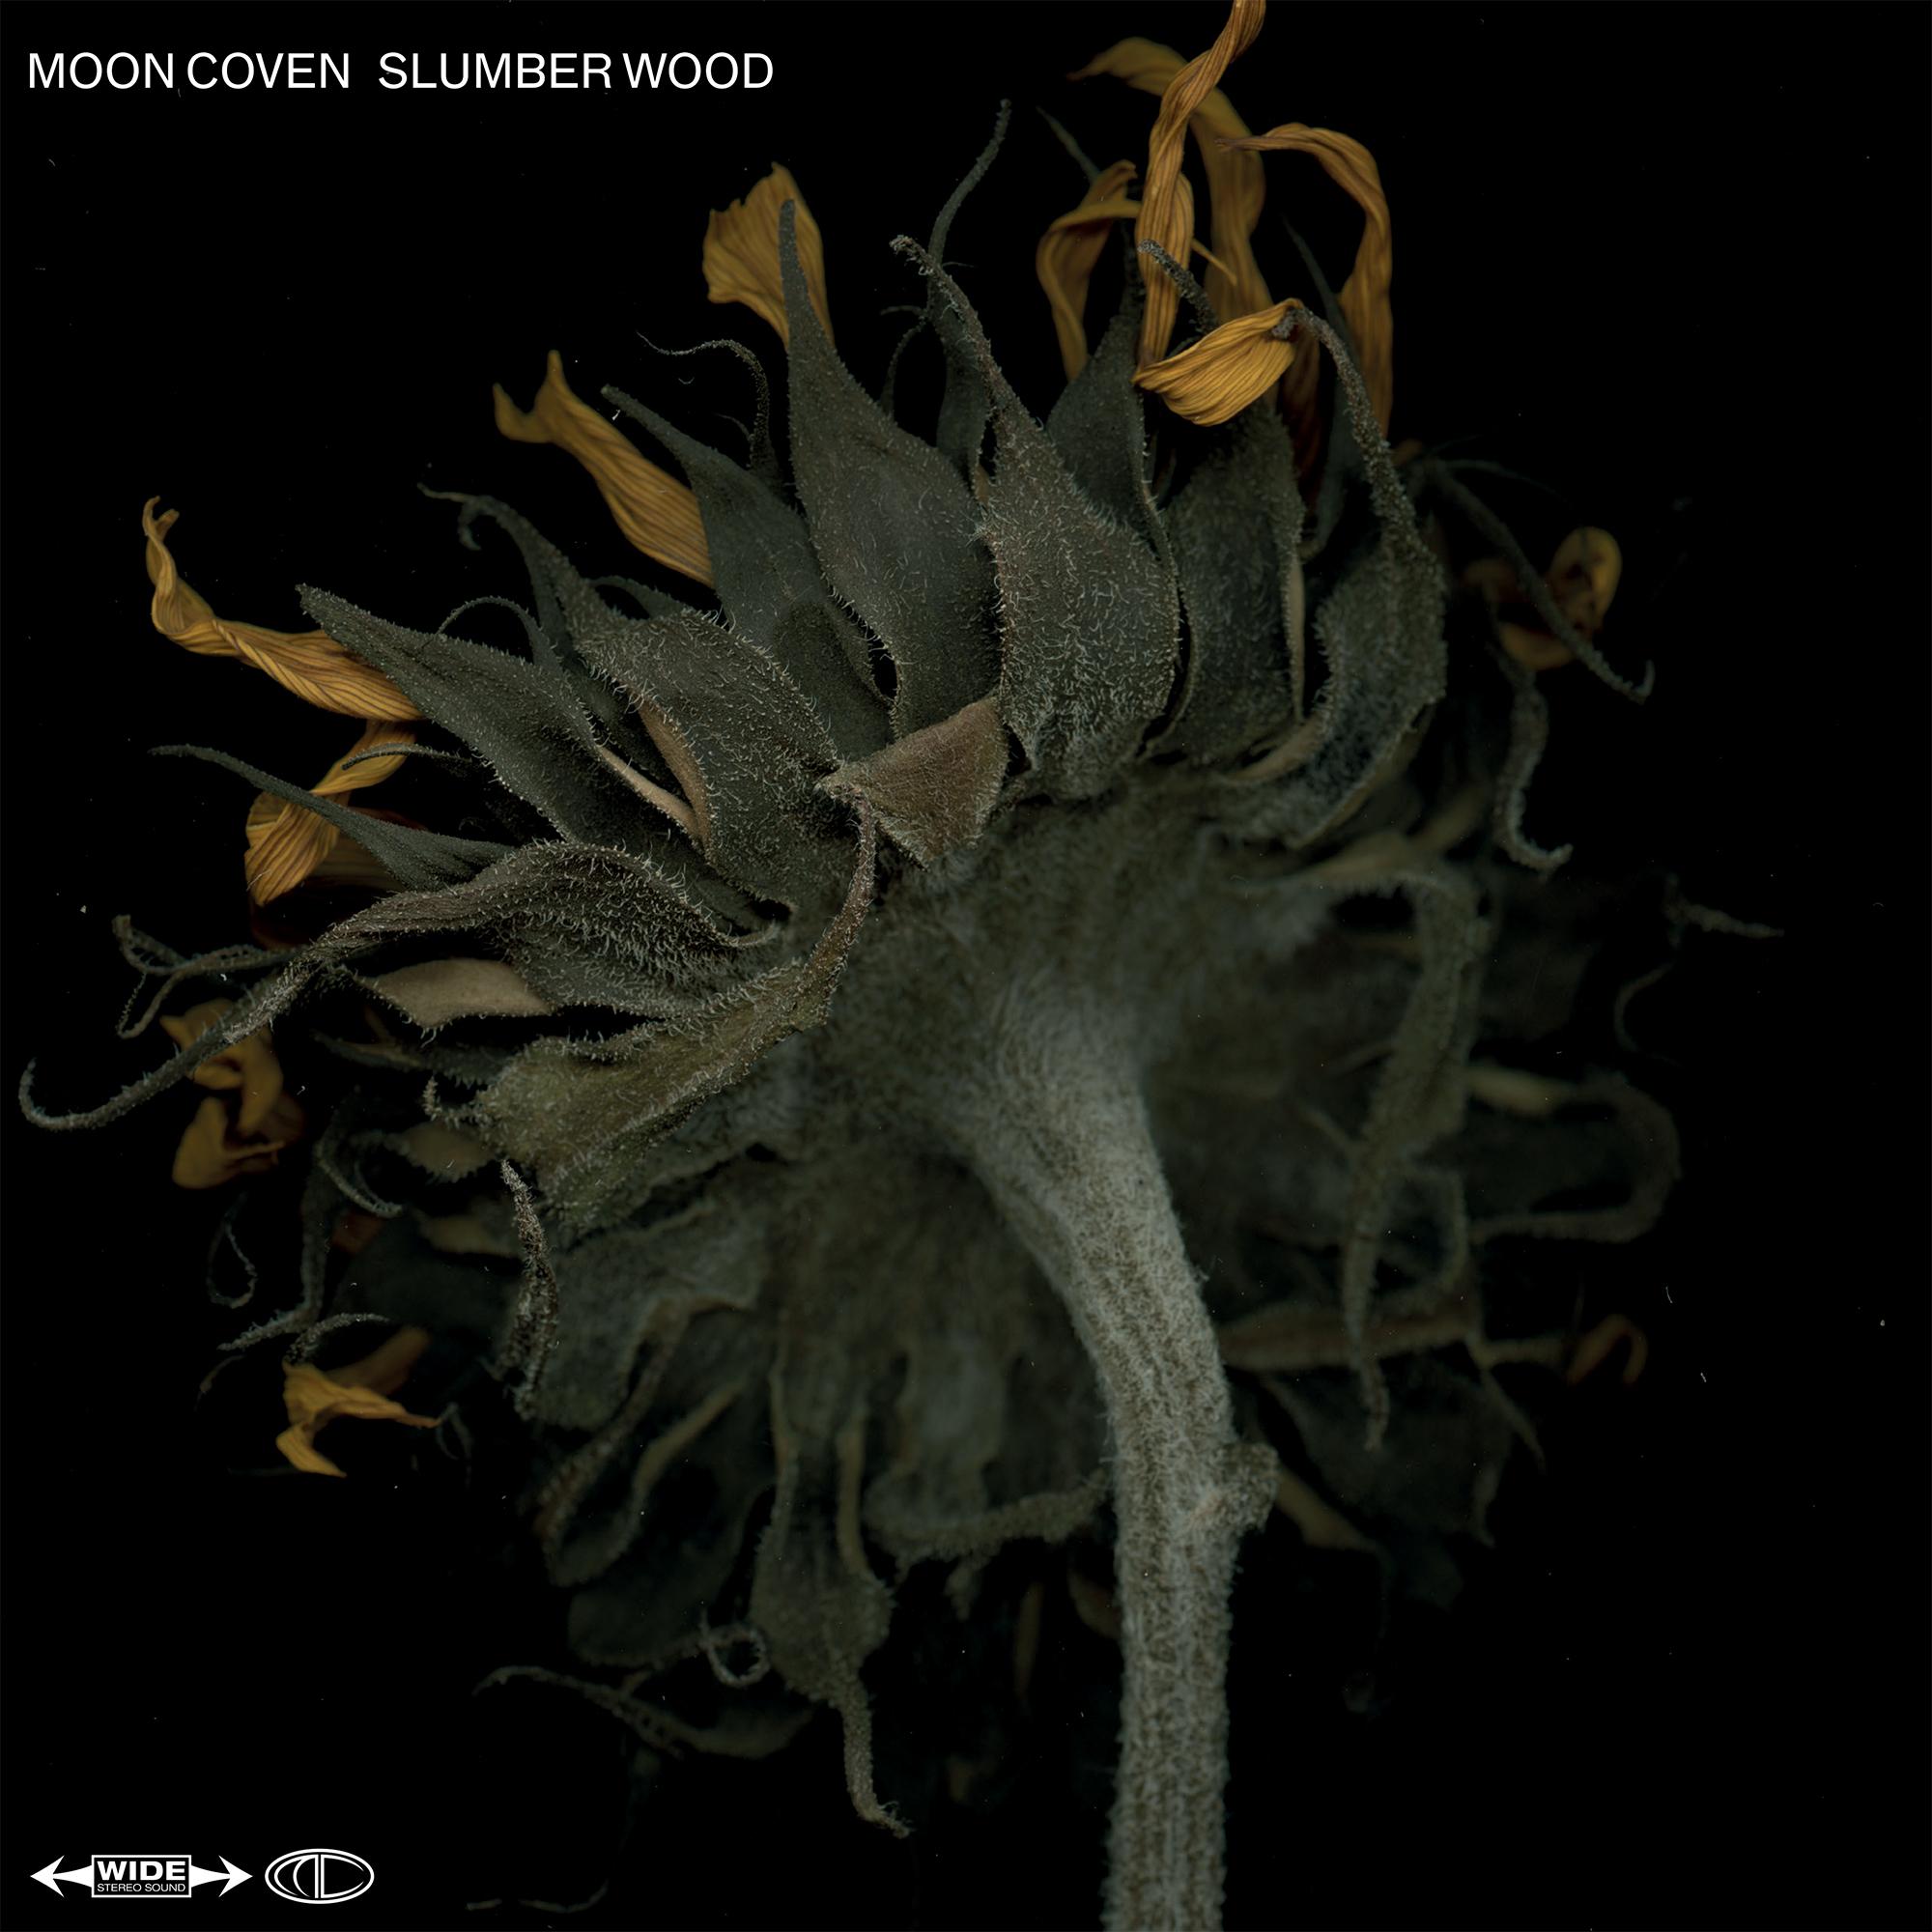 moon coven slumber wood